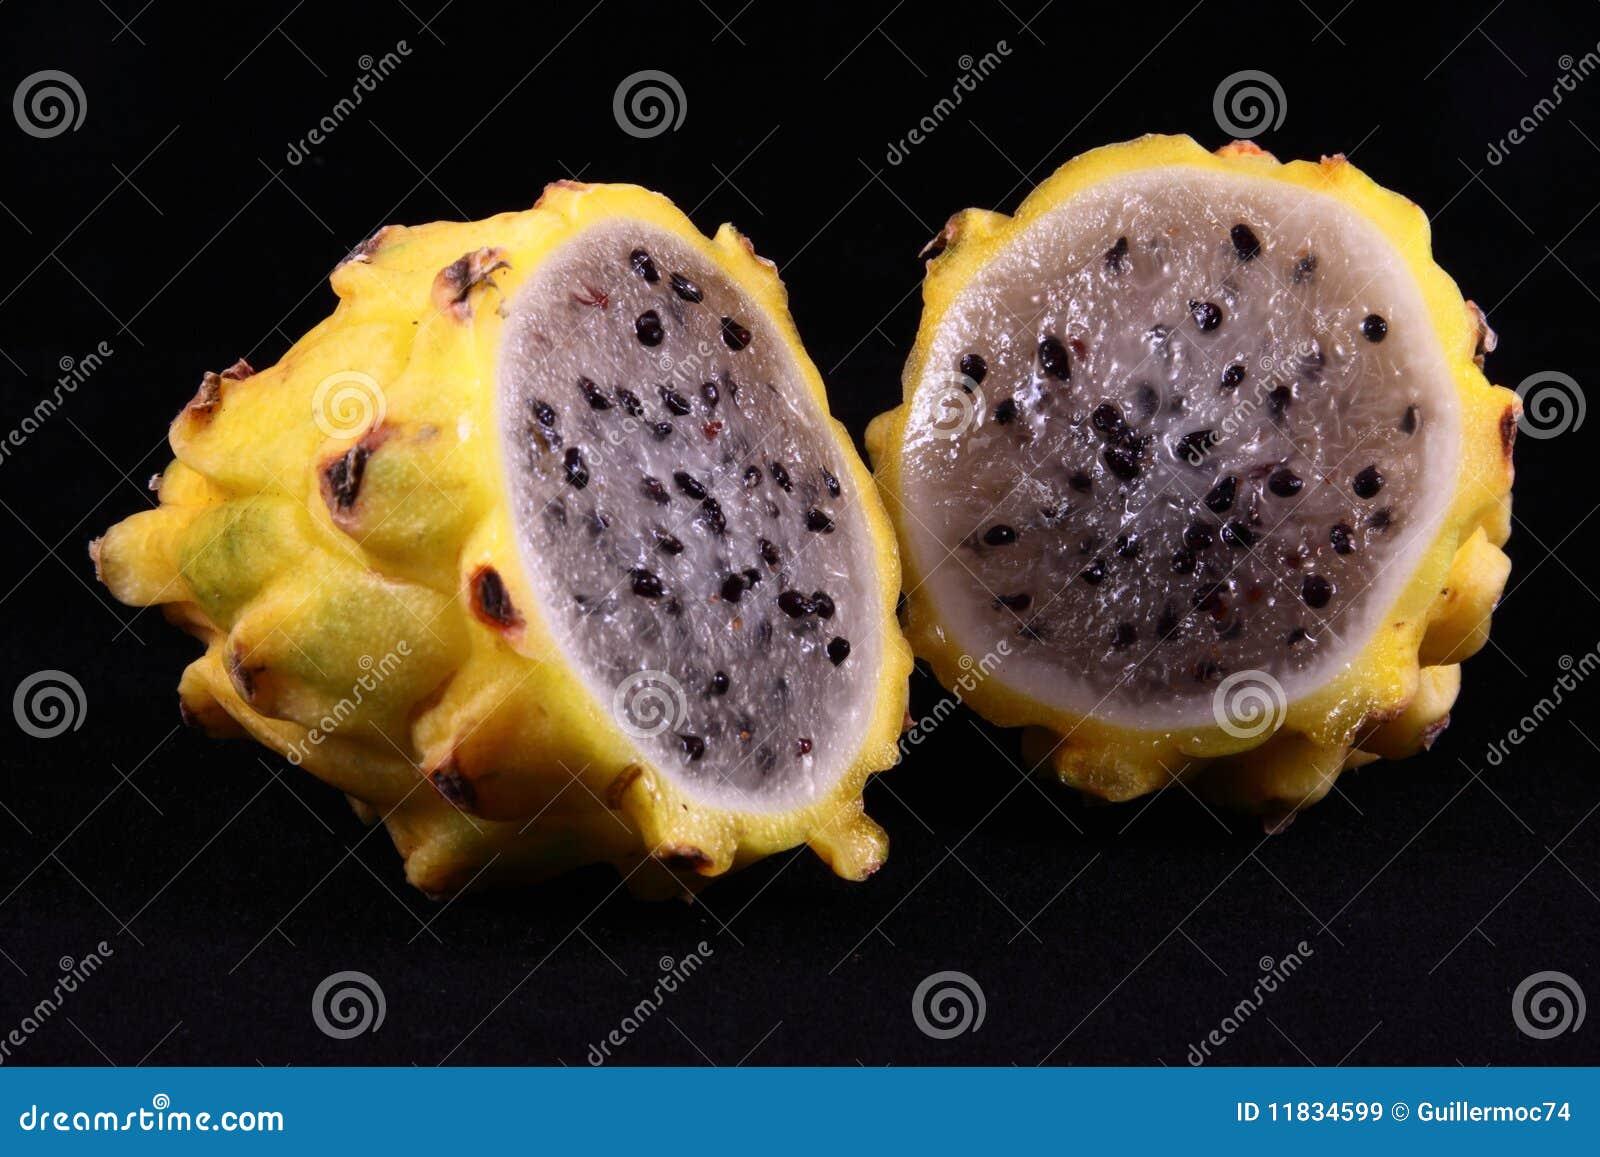 Pitaya Fruta Tropical Imagem De Stock Imagem De Molhado 11834599